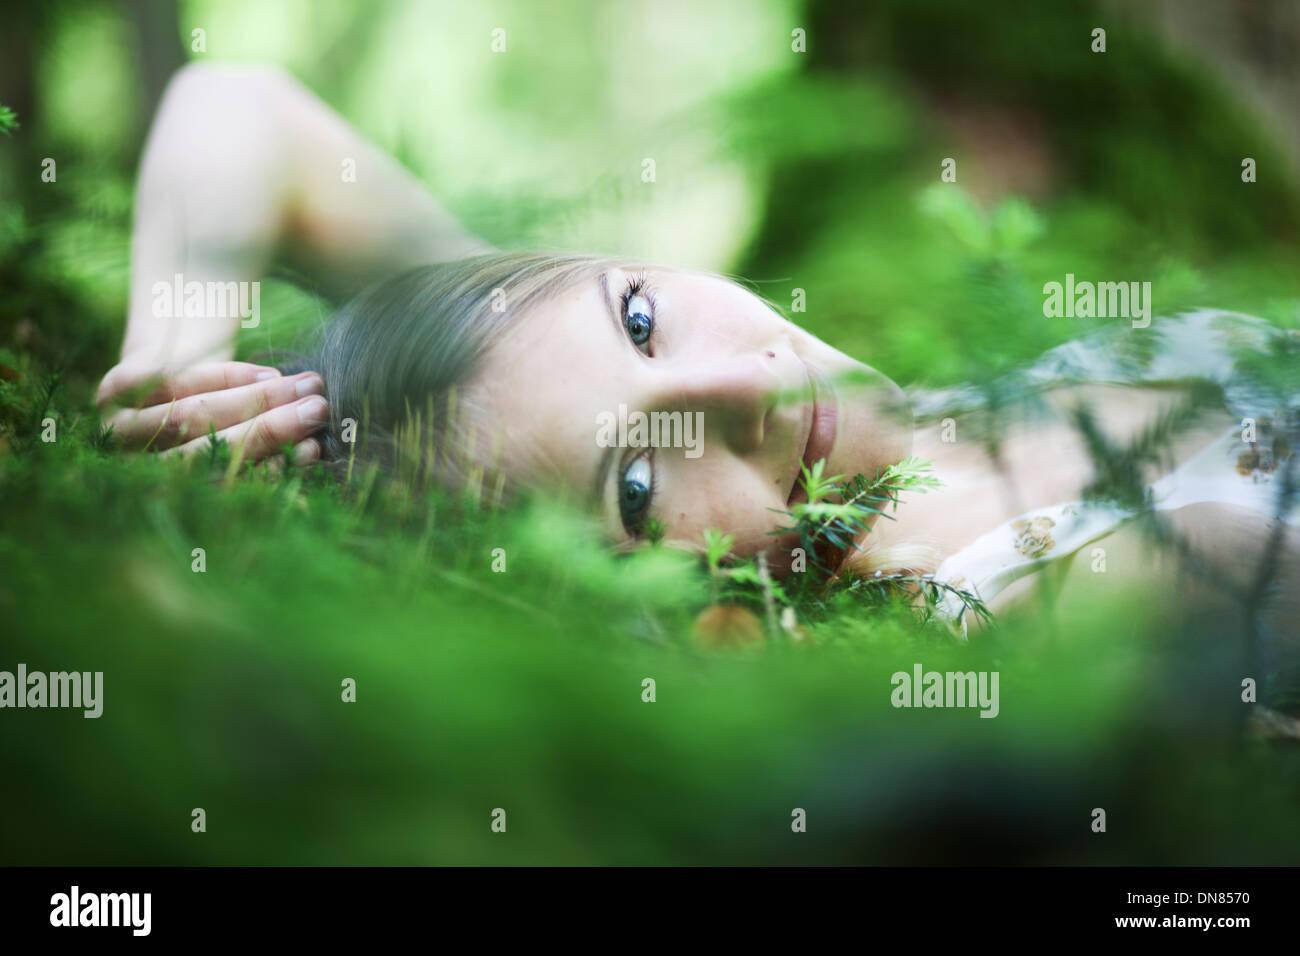 Fille couchée sur le sol de la forêt, portrait Photo Stock